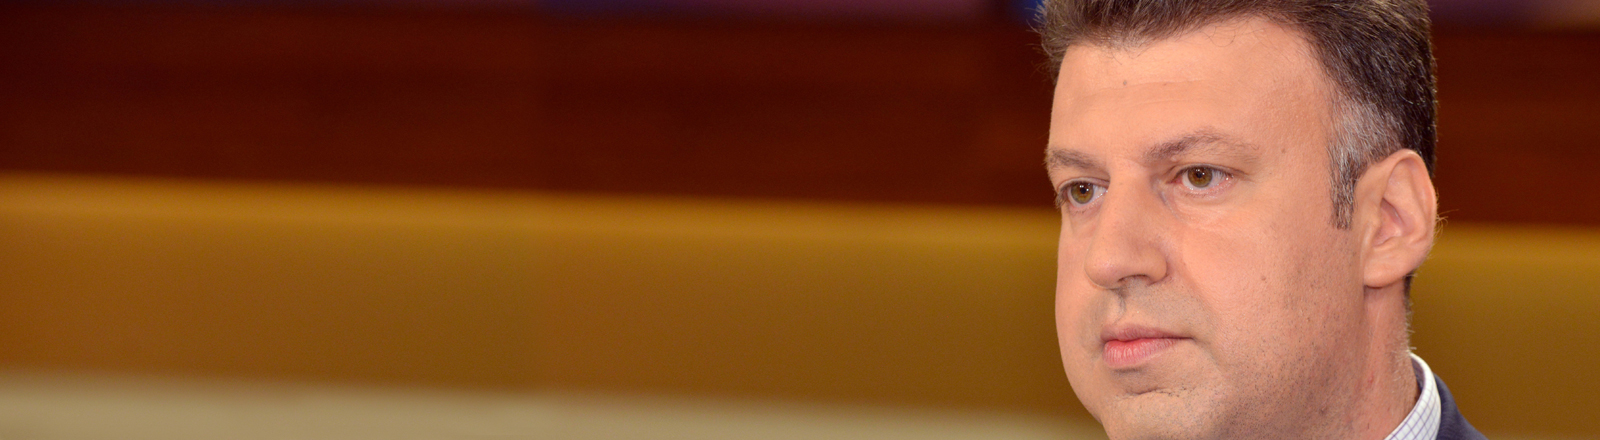 """Aktham Suliman bei einer Aufzeichnung der Talksendung """"Anne Will"""" im Mai 2013"""